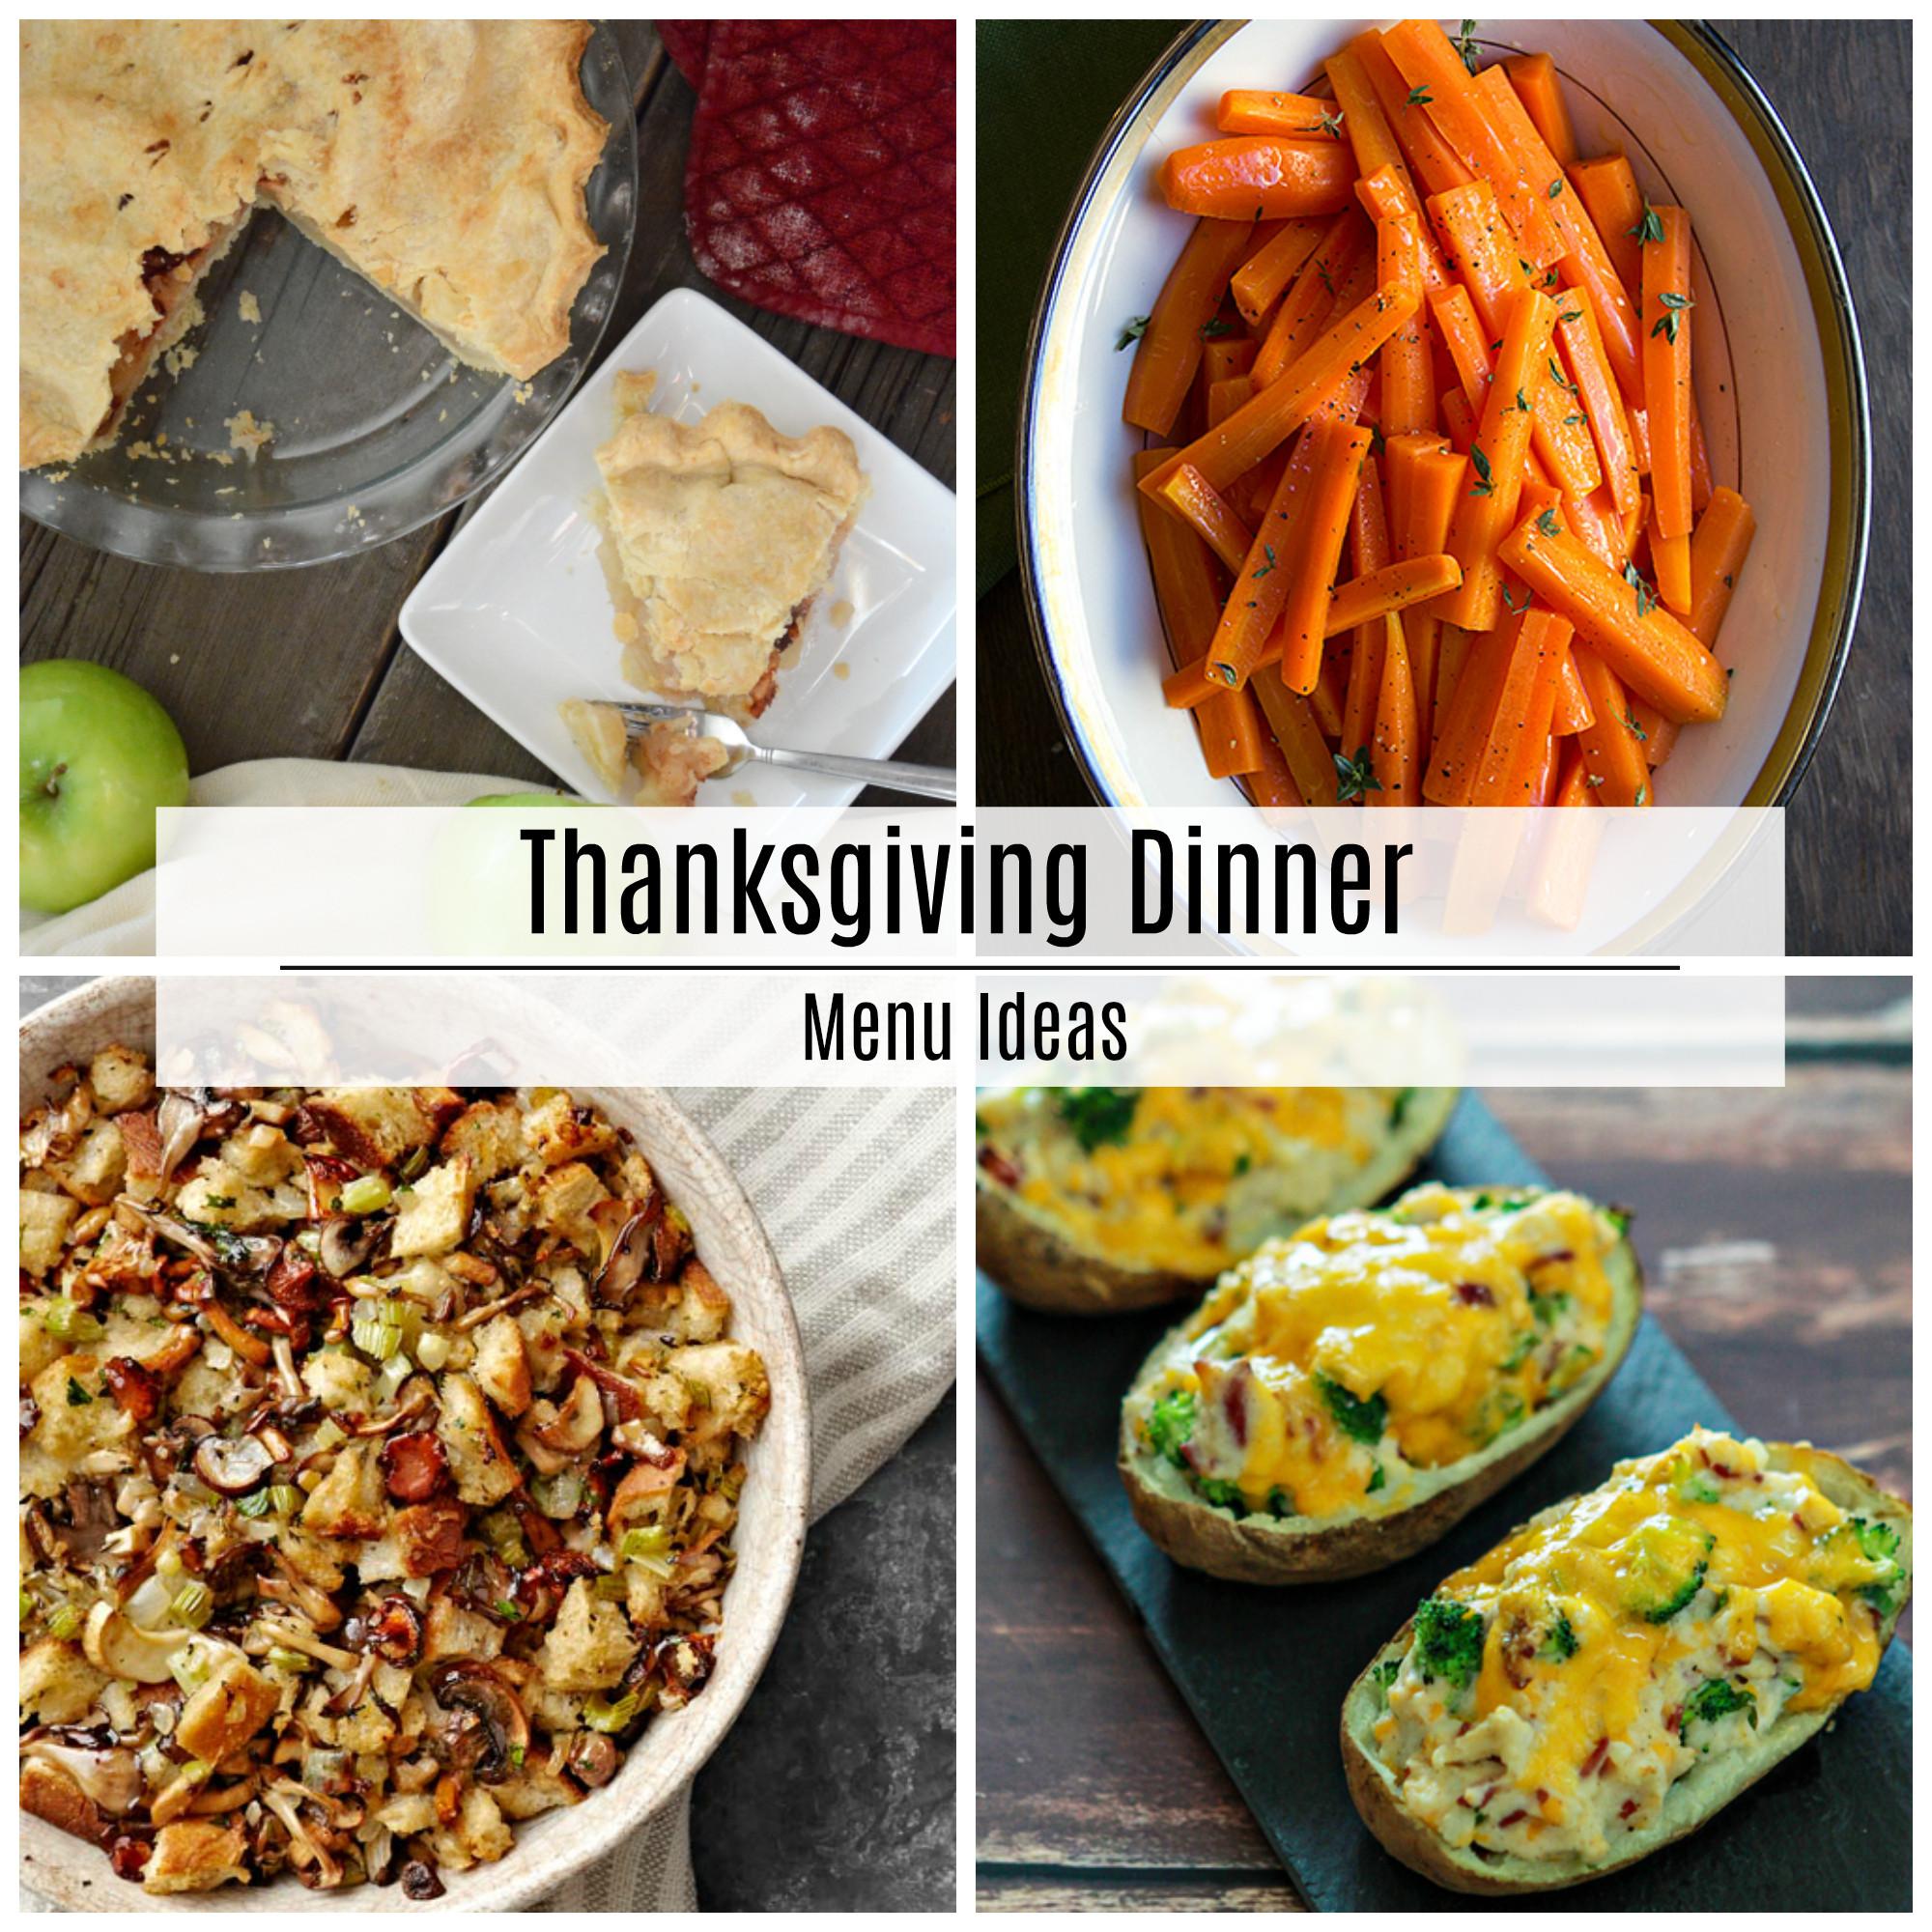 Thanksgiving Dinner Ideas  Thanksgiving Dinner Menu Recipe Ideas The Idea Room